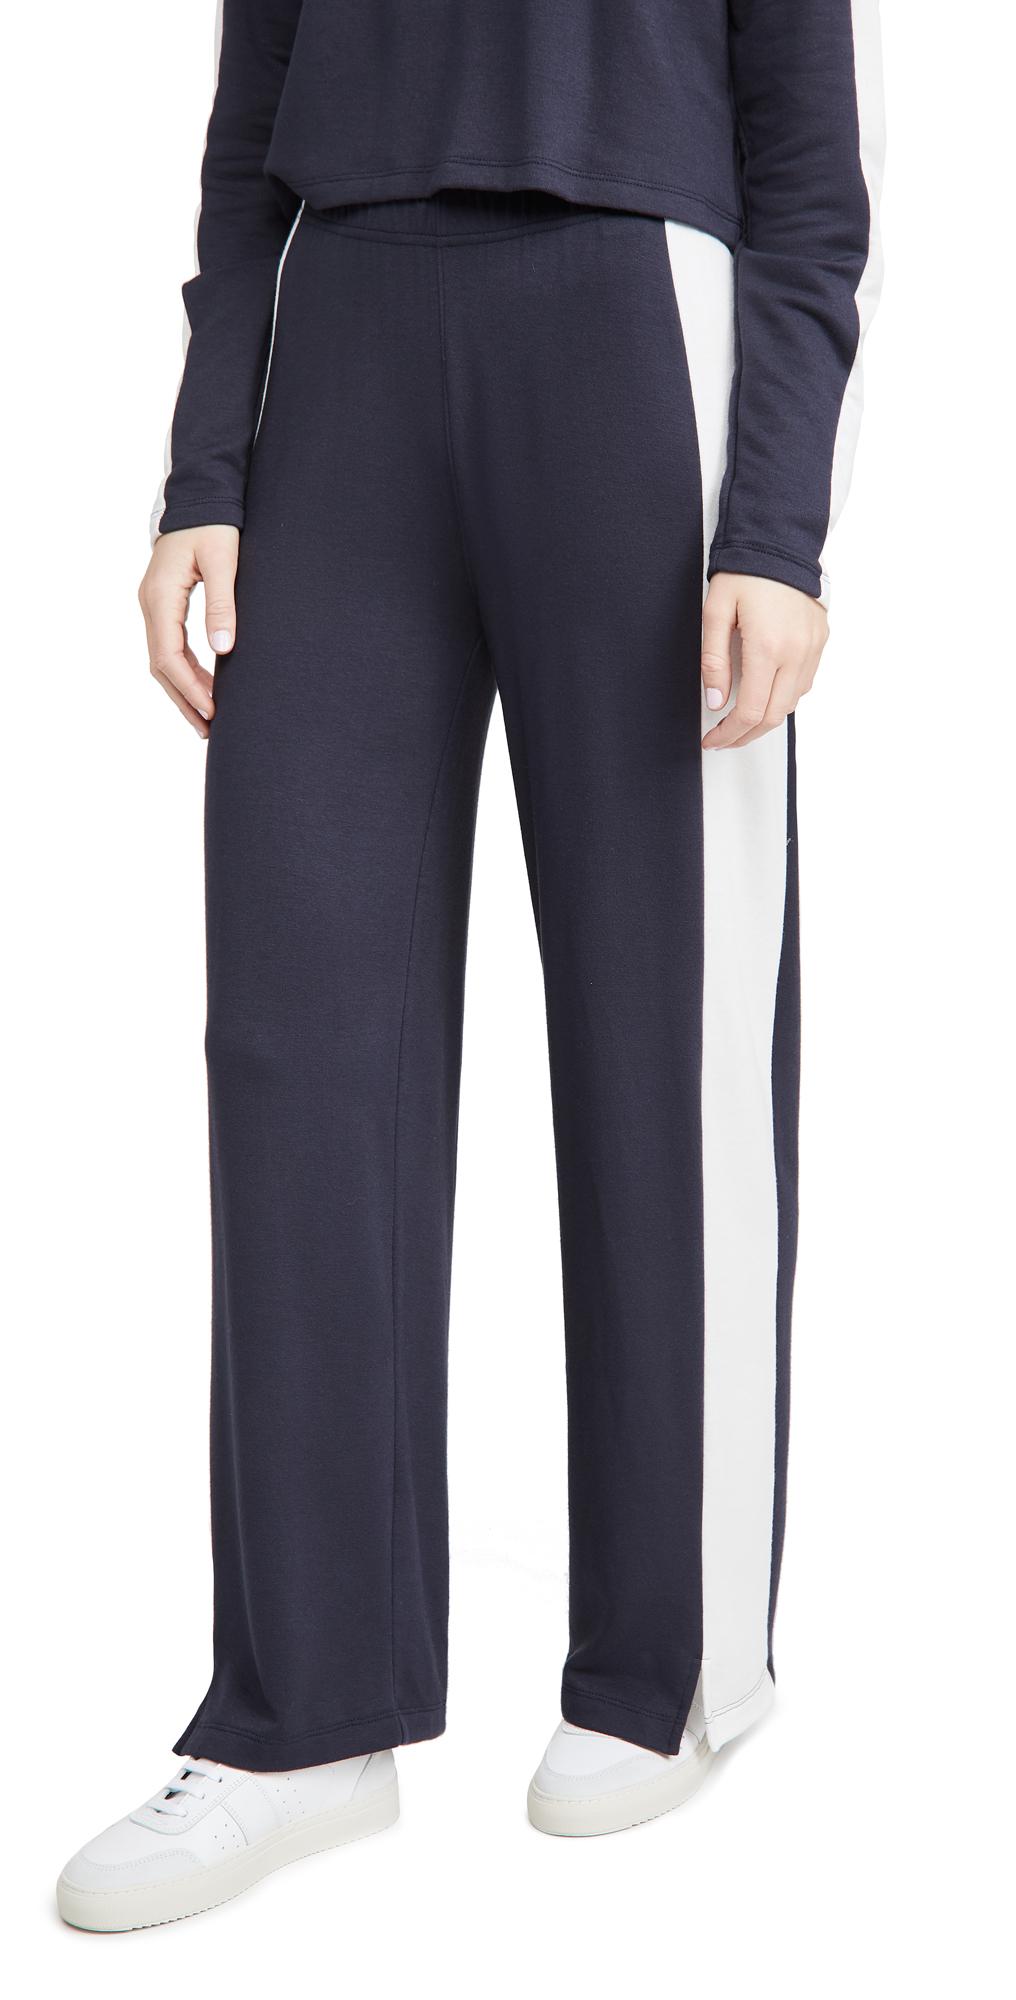 Splits59 Kingsley Fleece Sweatpants